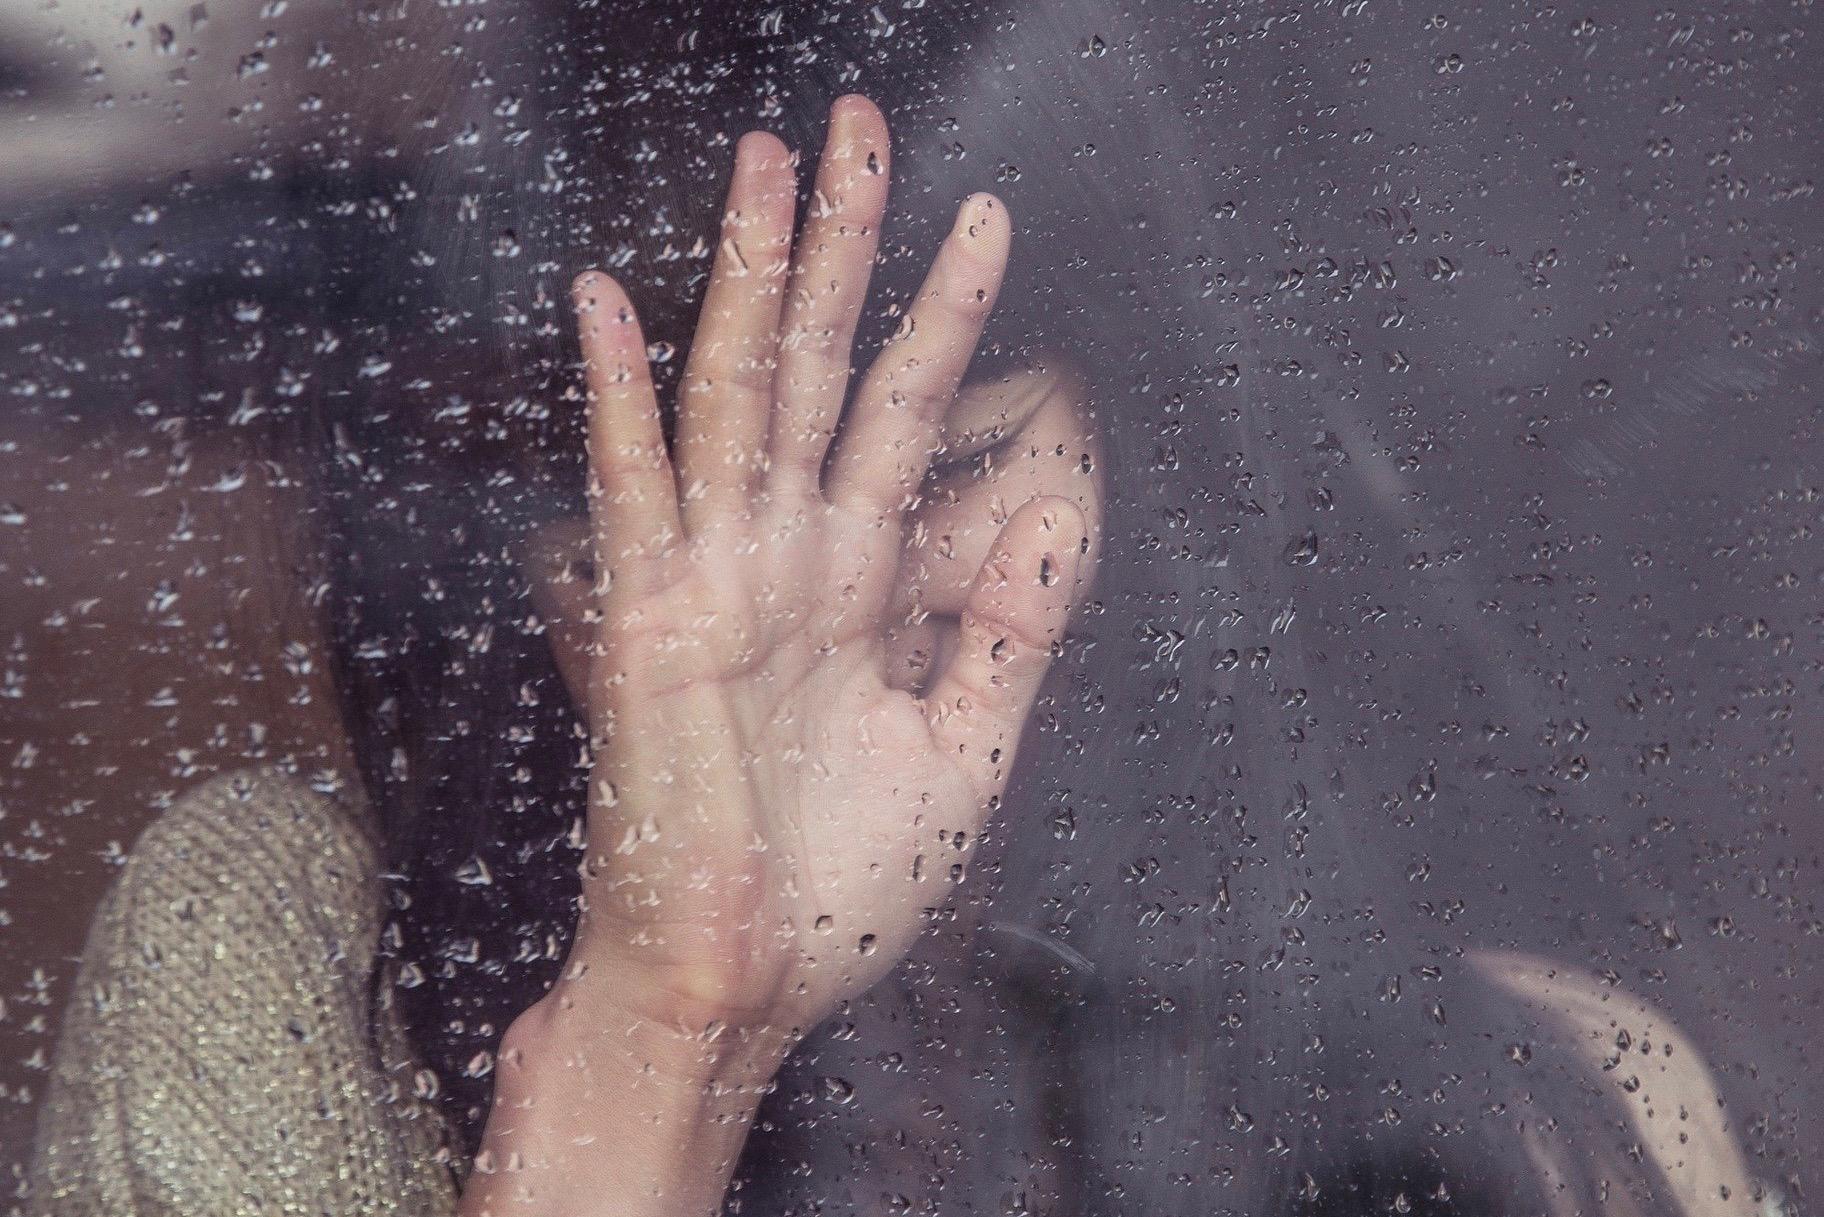 Les services de police et de gendarmerie ont enregistré une hausse de 16% des violences conjugales qui ont concerné 142.310 personnes tous sexes confondus en 2019, a annoncé lundi le service statistiques du ministère de l'Intérieur.